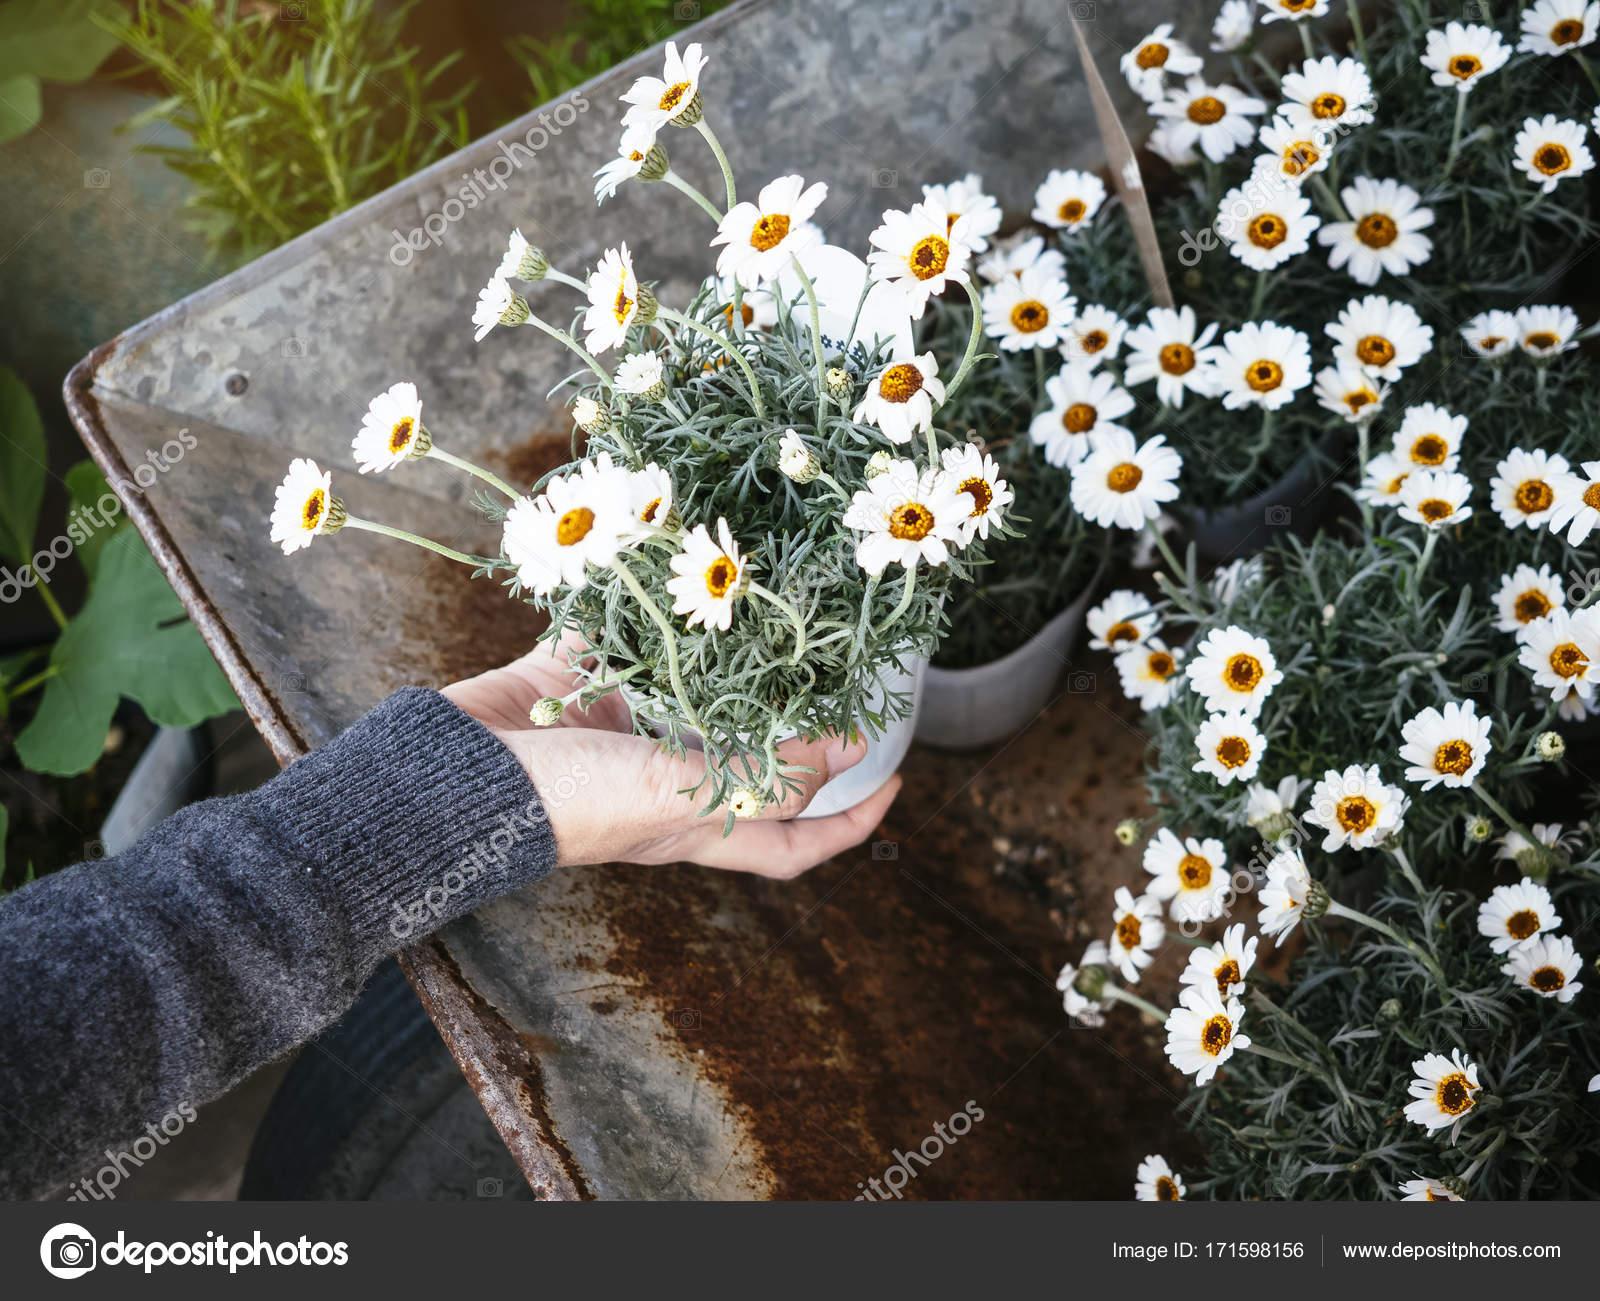 weie kleine blumen topfpflanzen mit hand haus garten stockfoto uber im topf pflanzen stock photo white small flowers pot plants